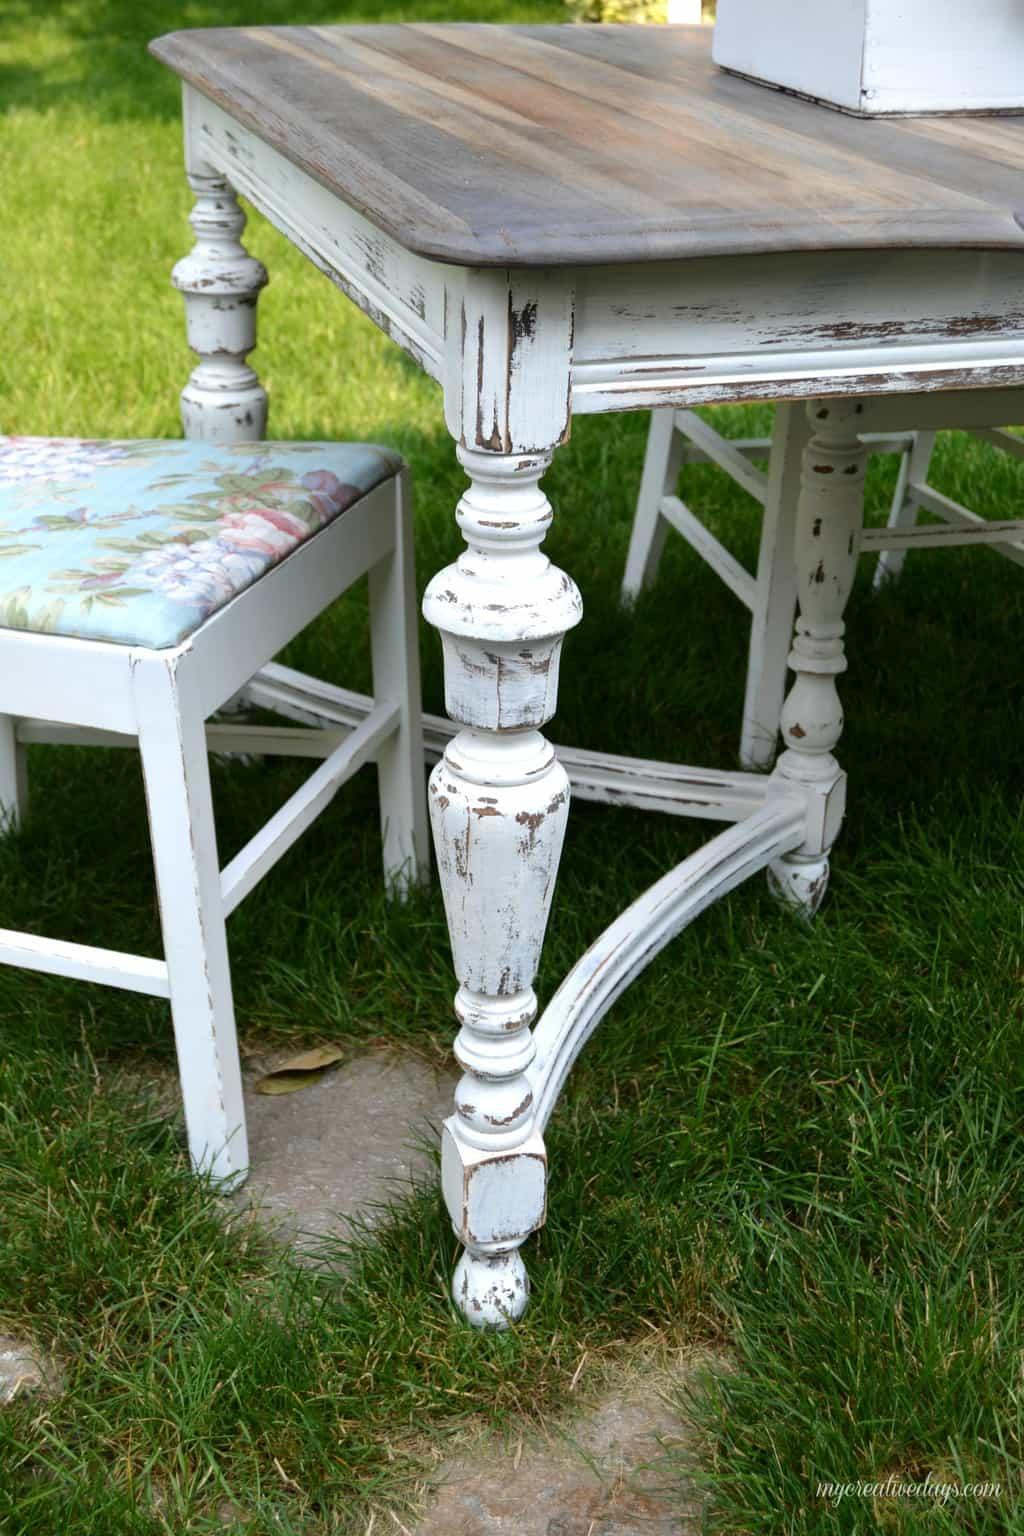 Curbside Table Turned Farm Table mycreativedays.com